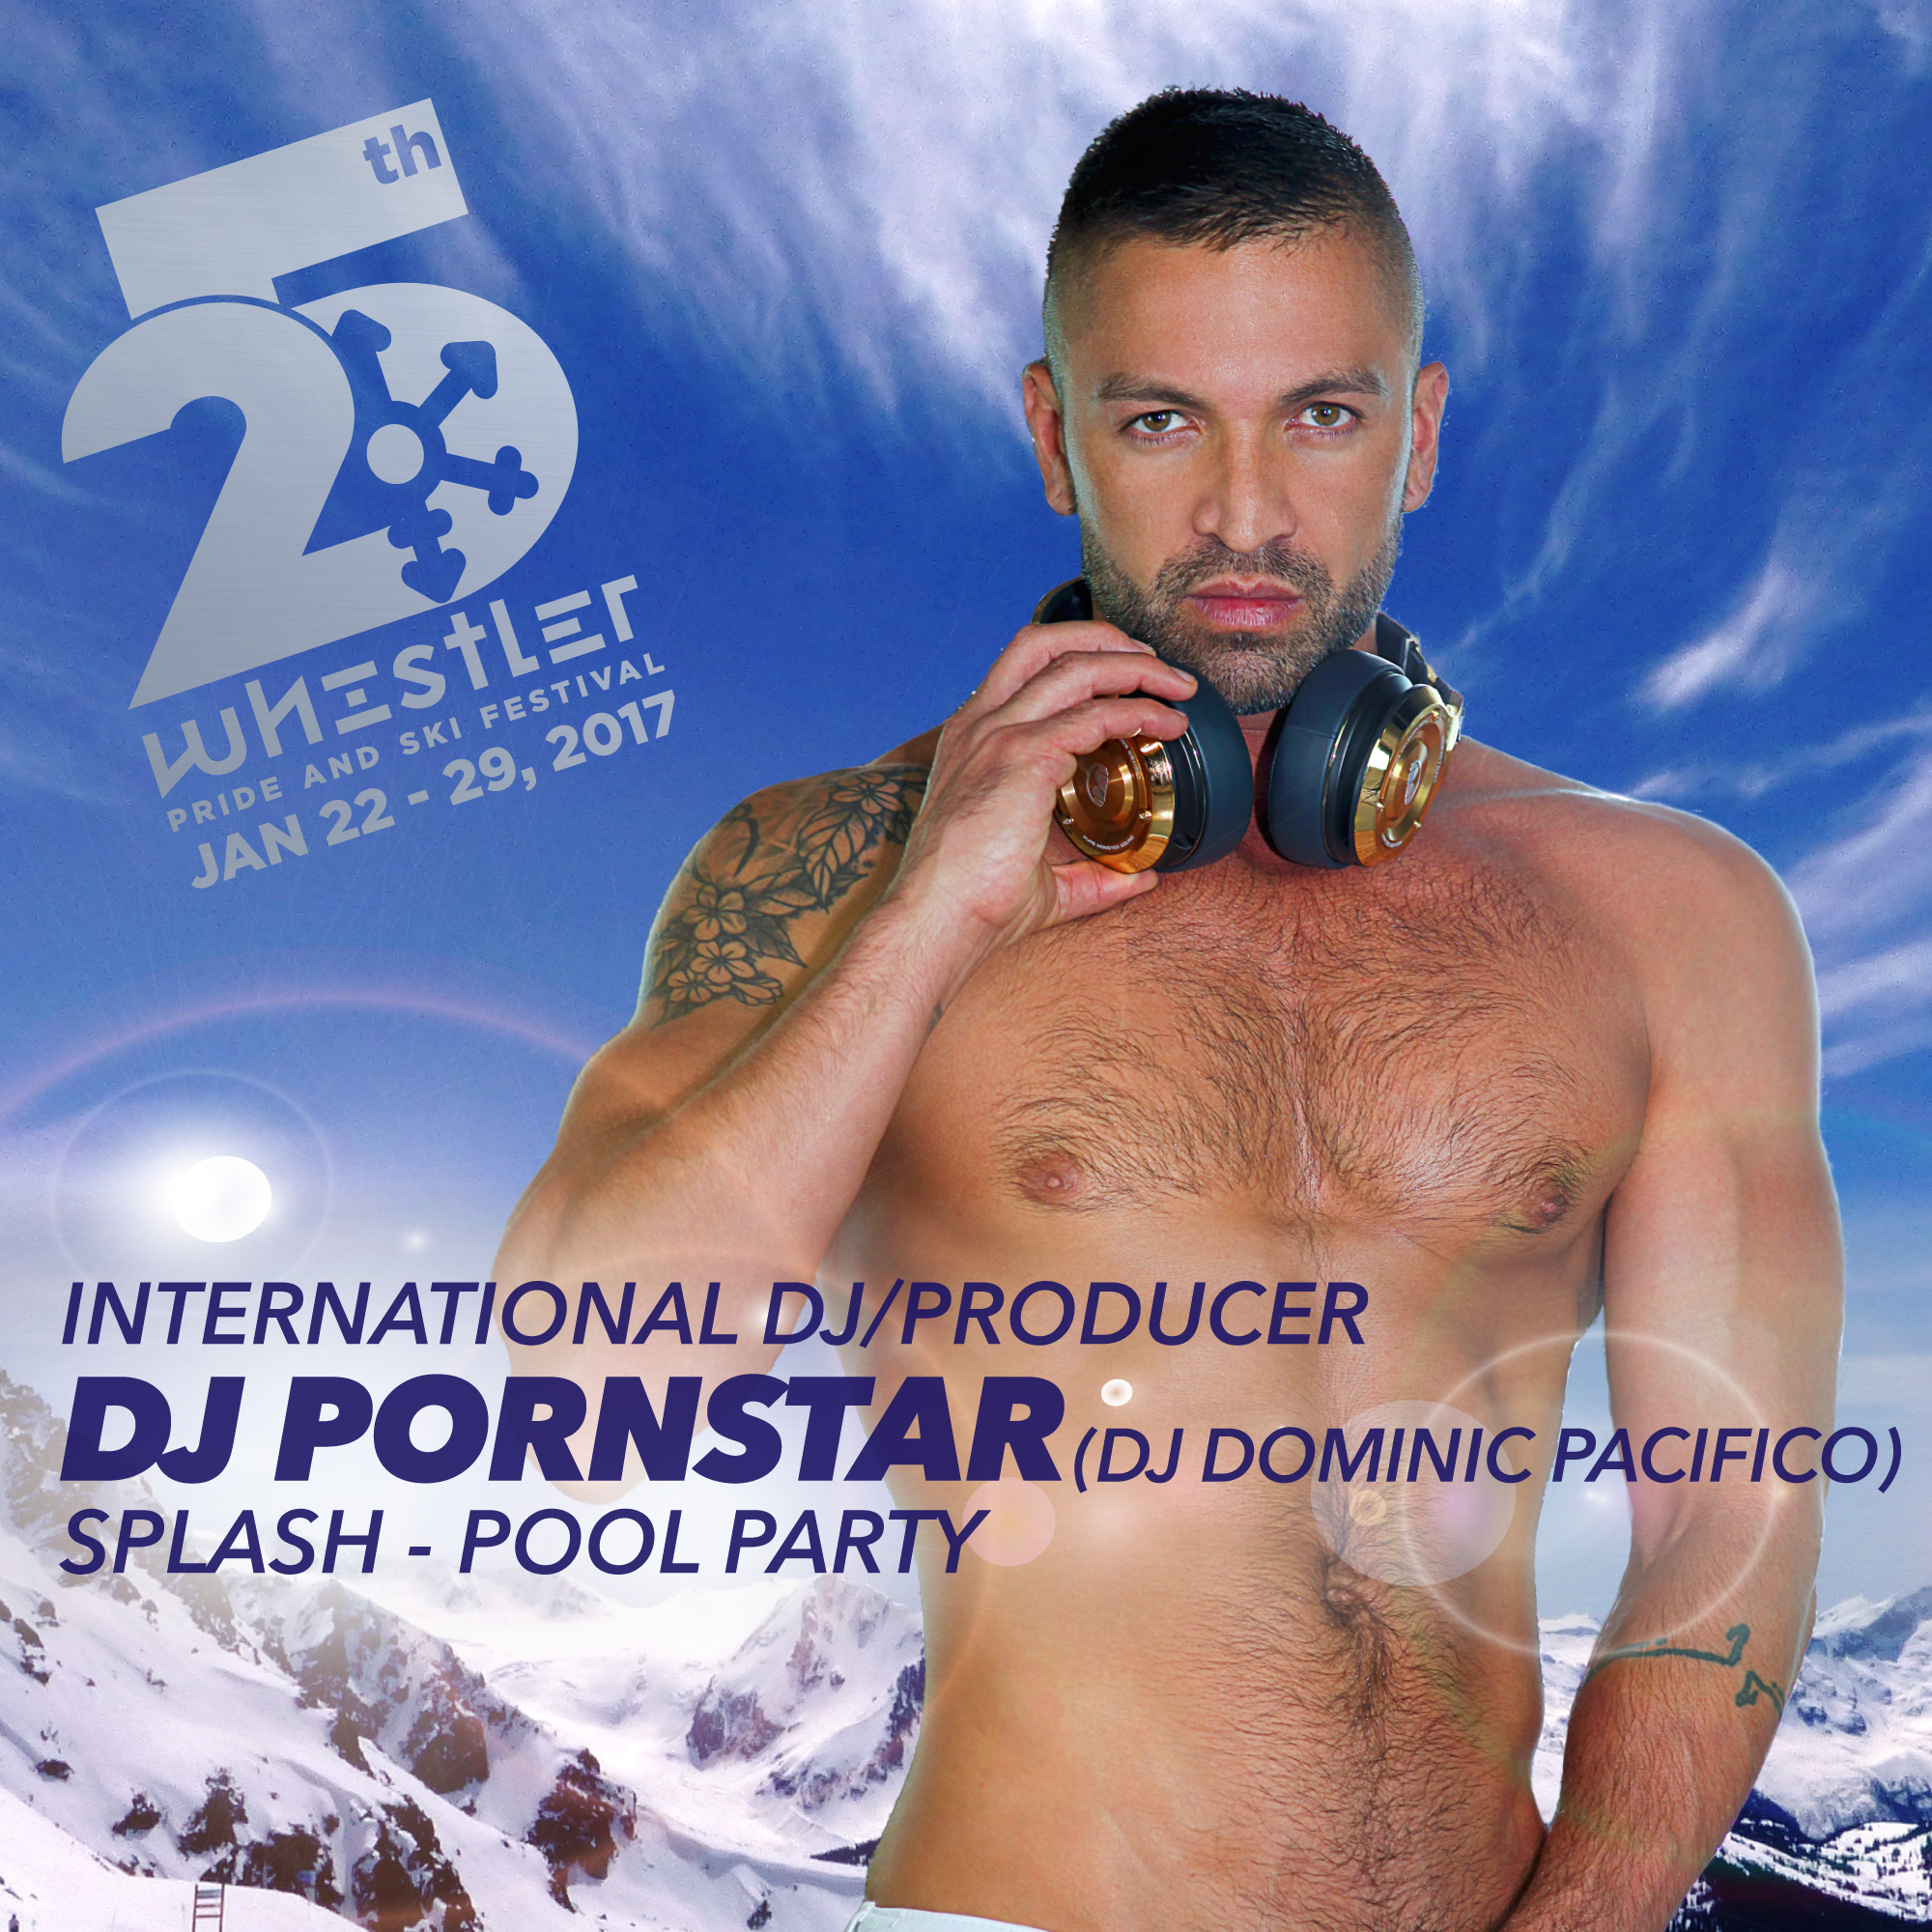 DJ Pacifico aka DJ Pornstar at Splash Pool Party Whistler Pride and ski festival